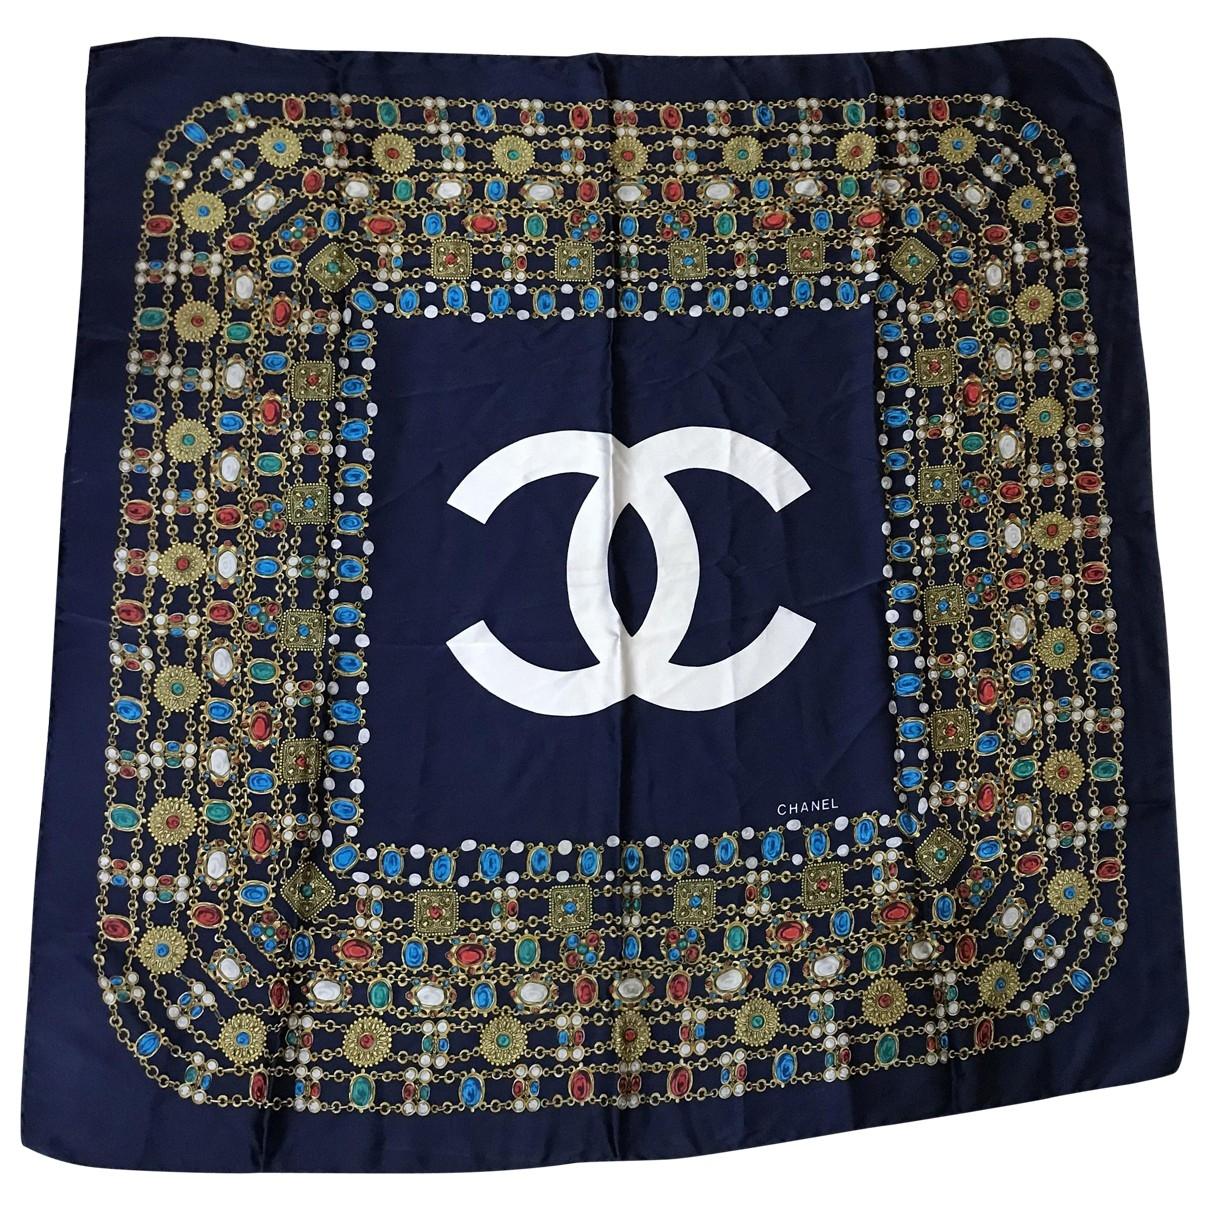 Chanel \N Tuecher in Seide